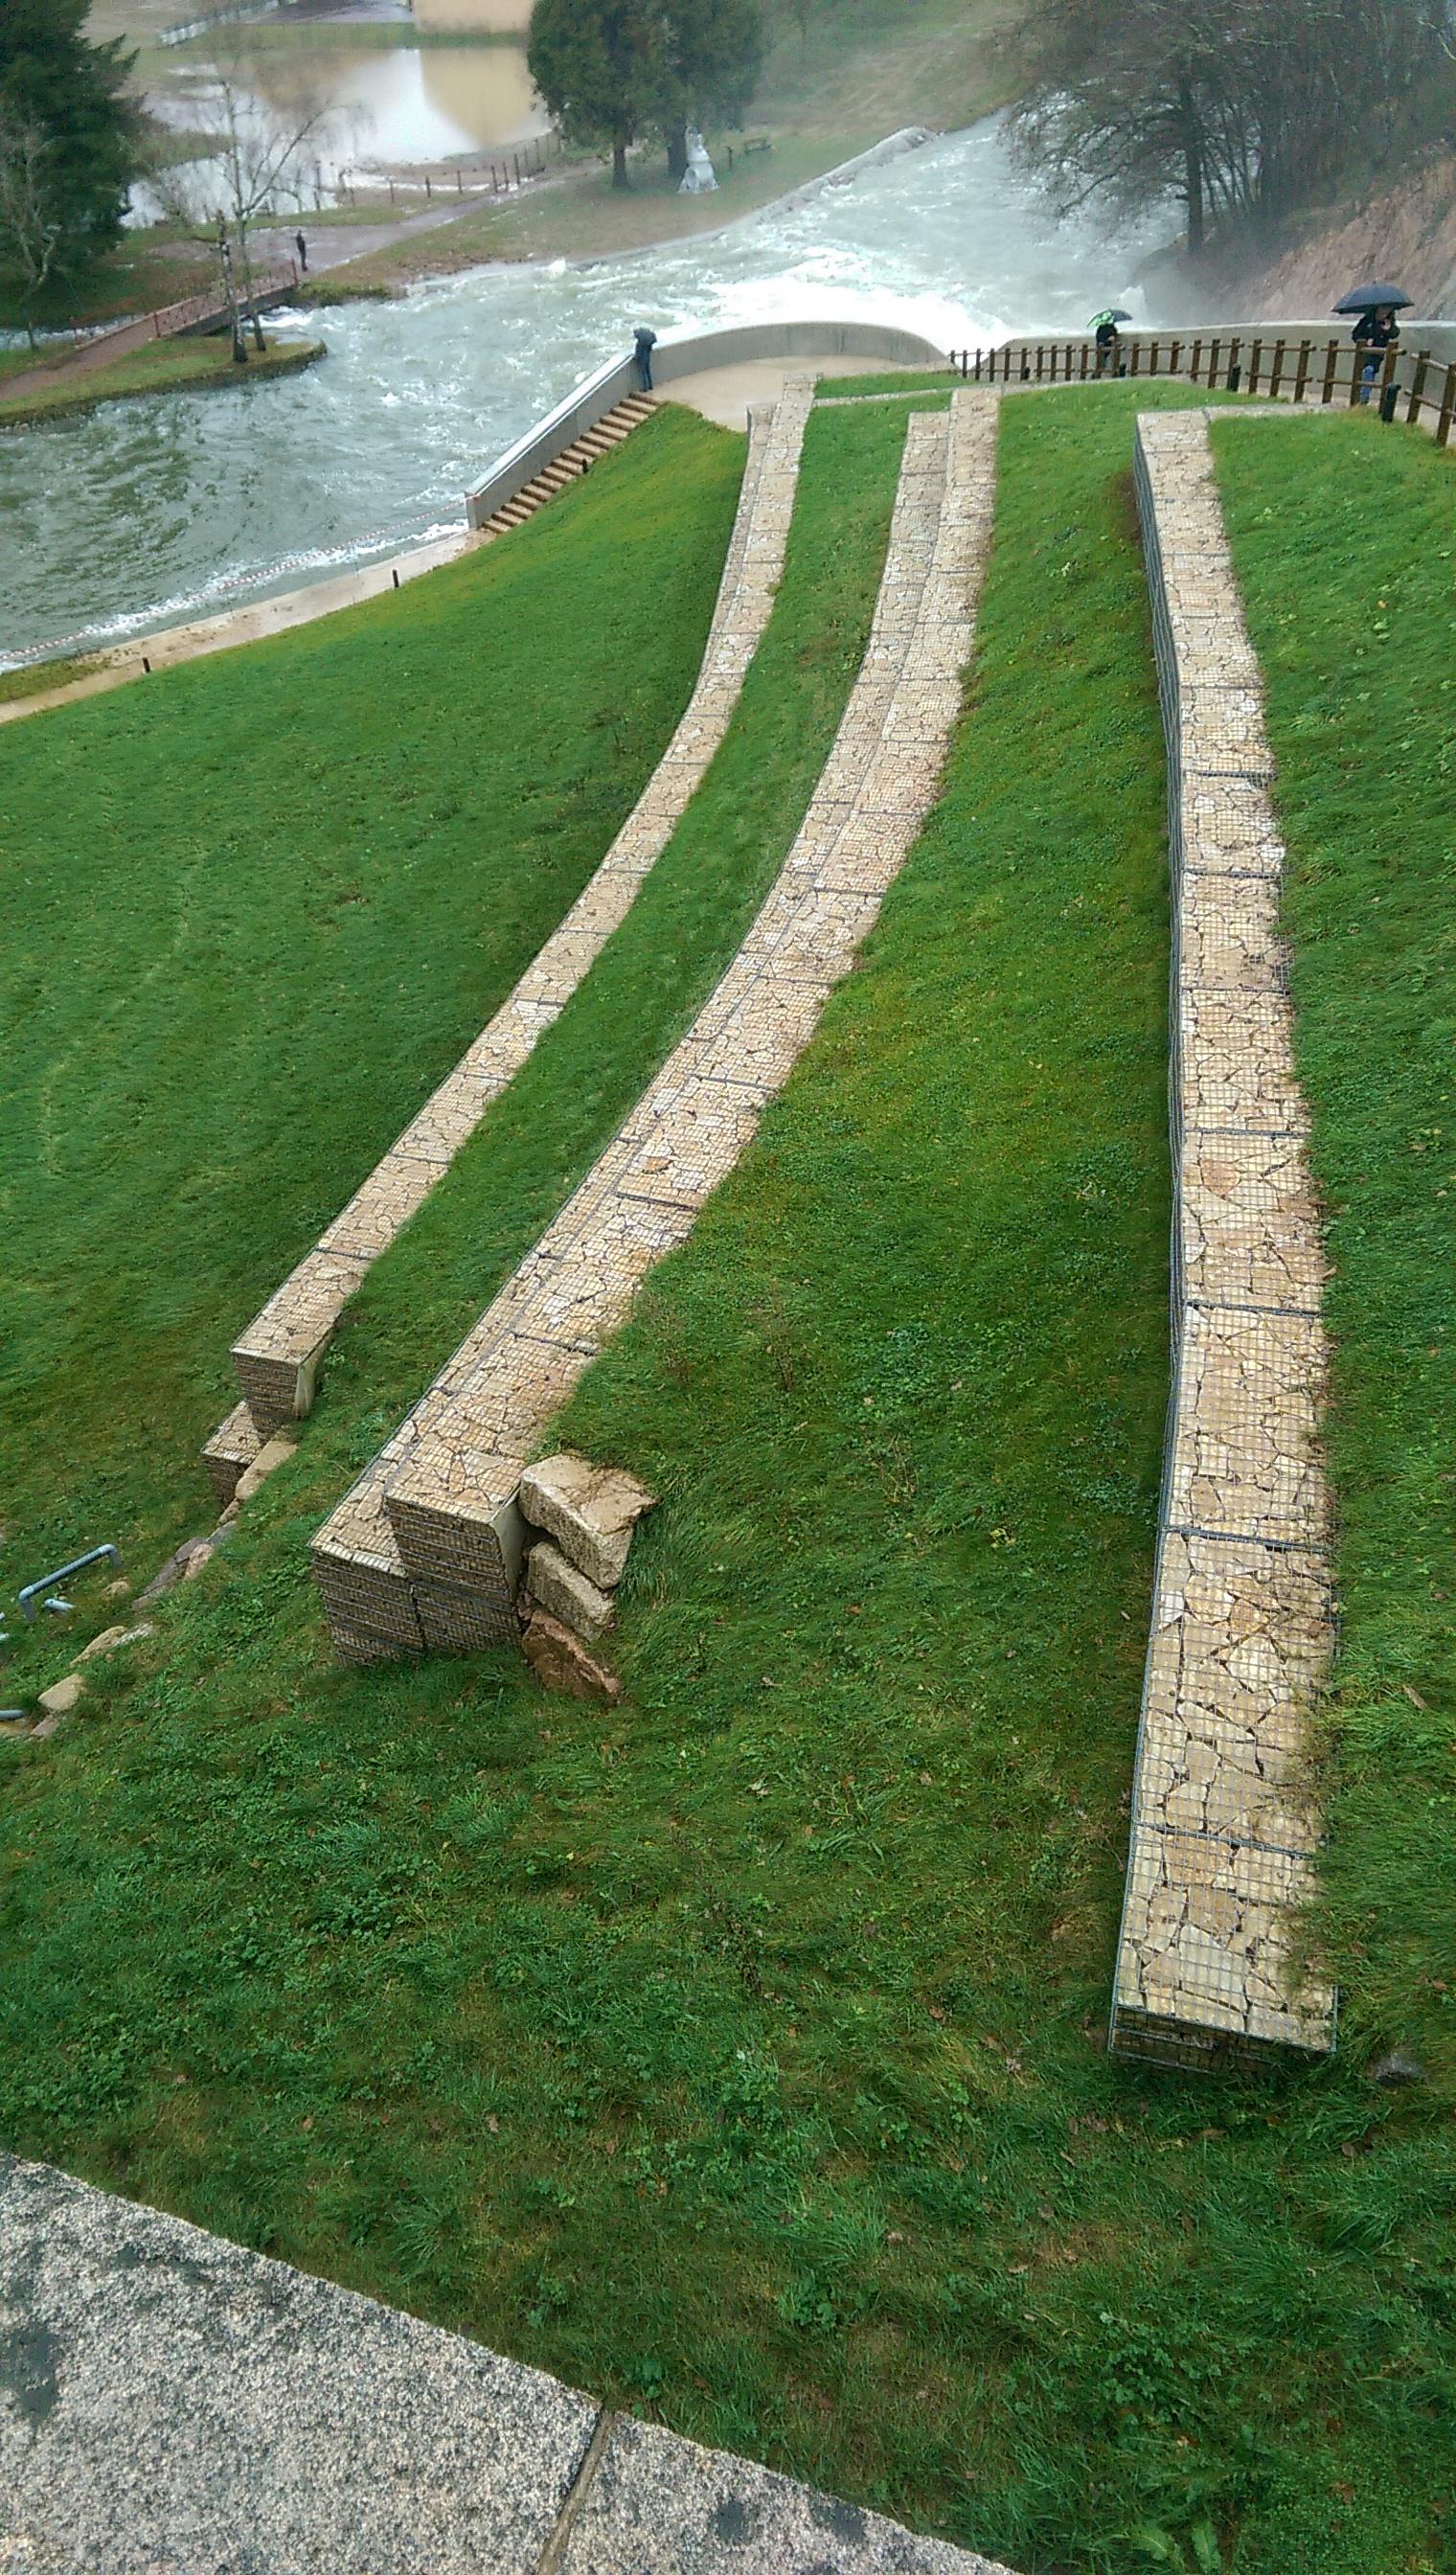 pont et massène barrage mur soutènement appareillage lave berge gabion SETP 2016